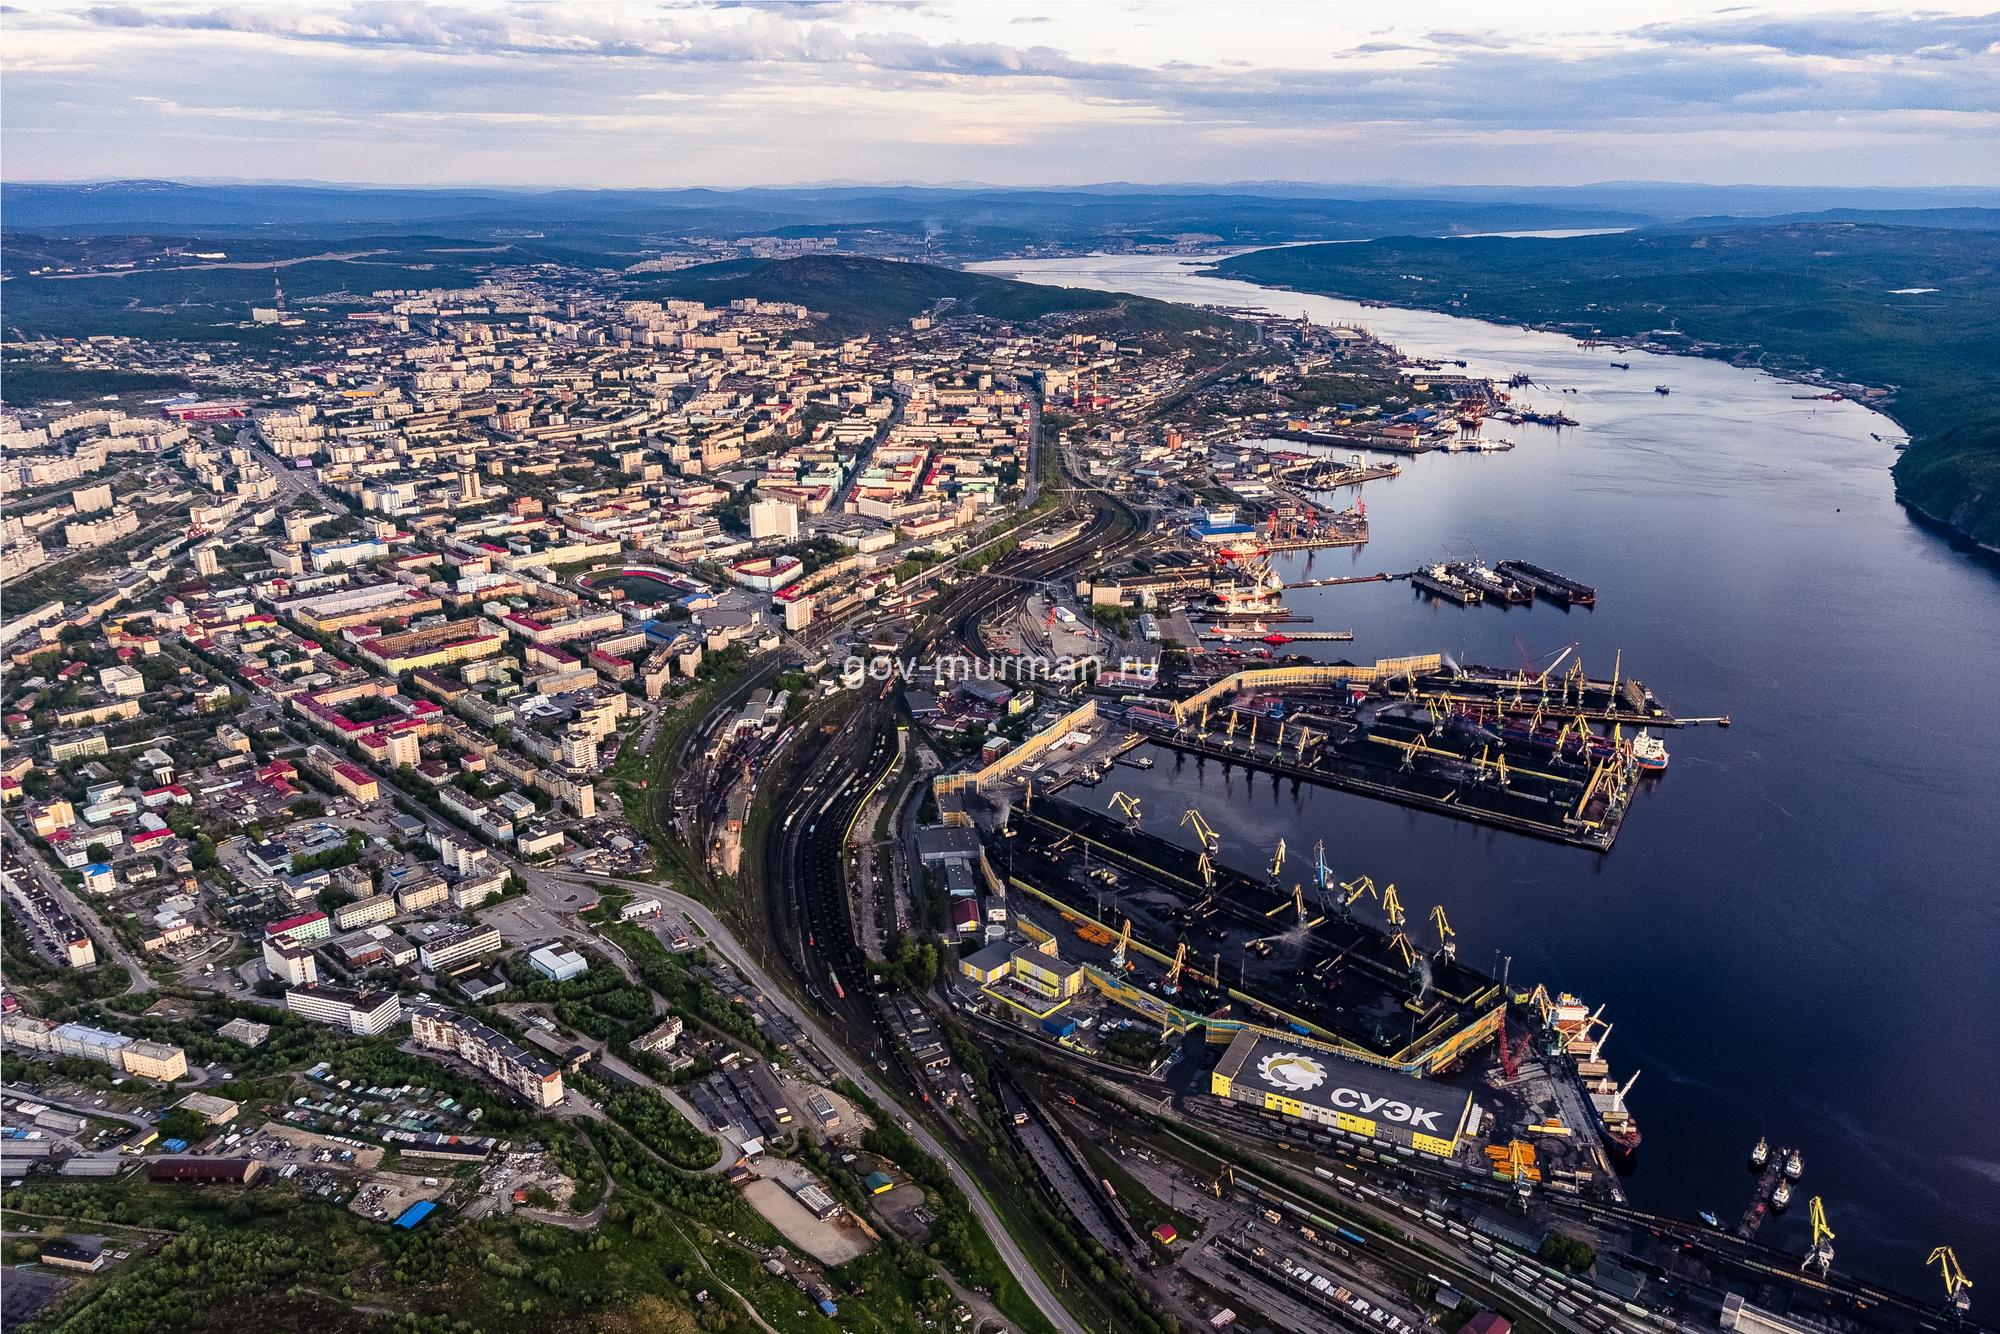 Мурманская область заняла 6 место в рейтинге социально-экономического положения регионов РФ